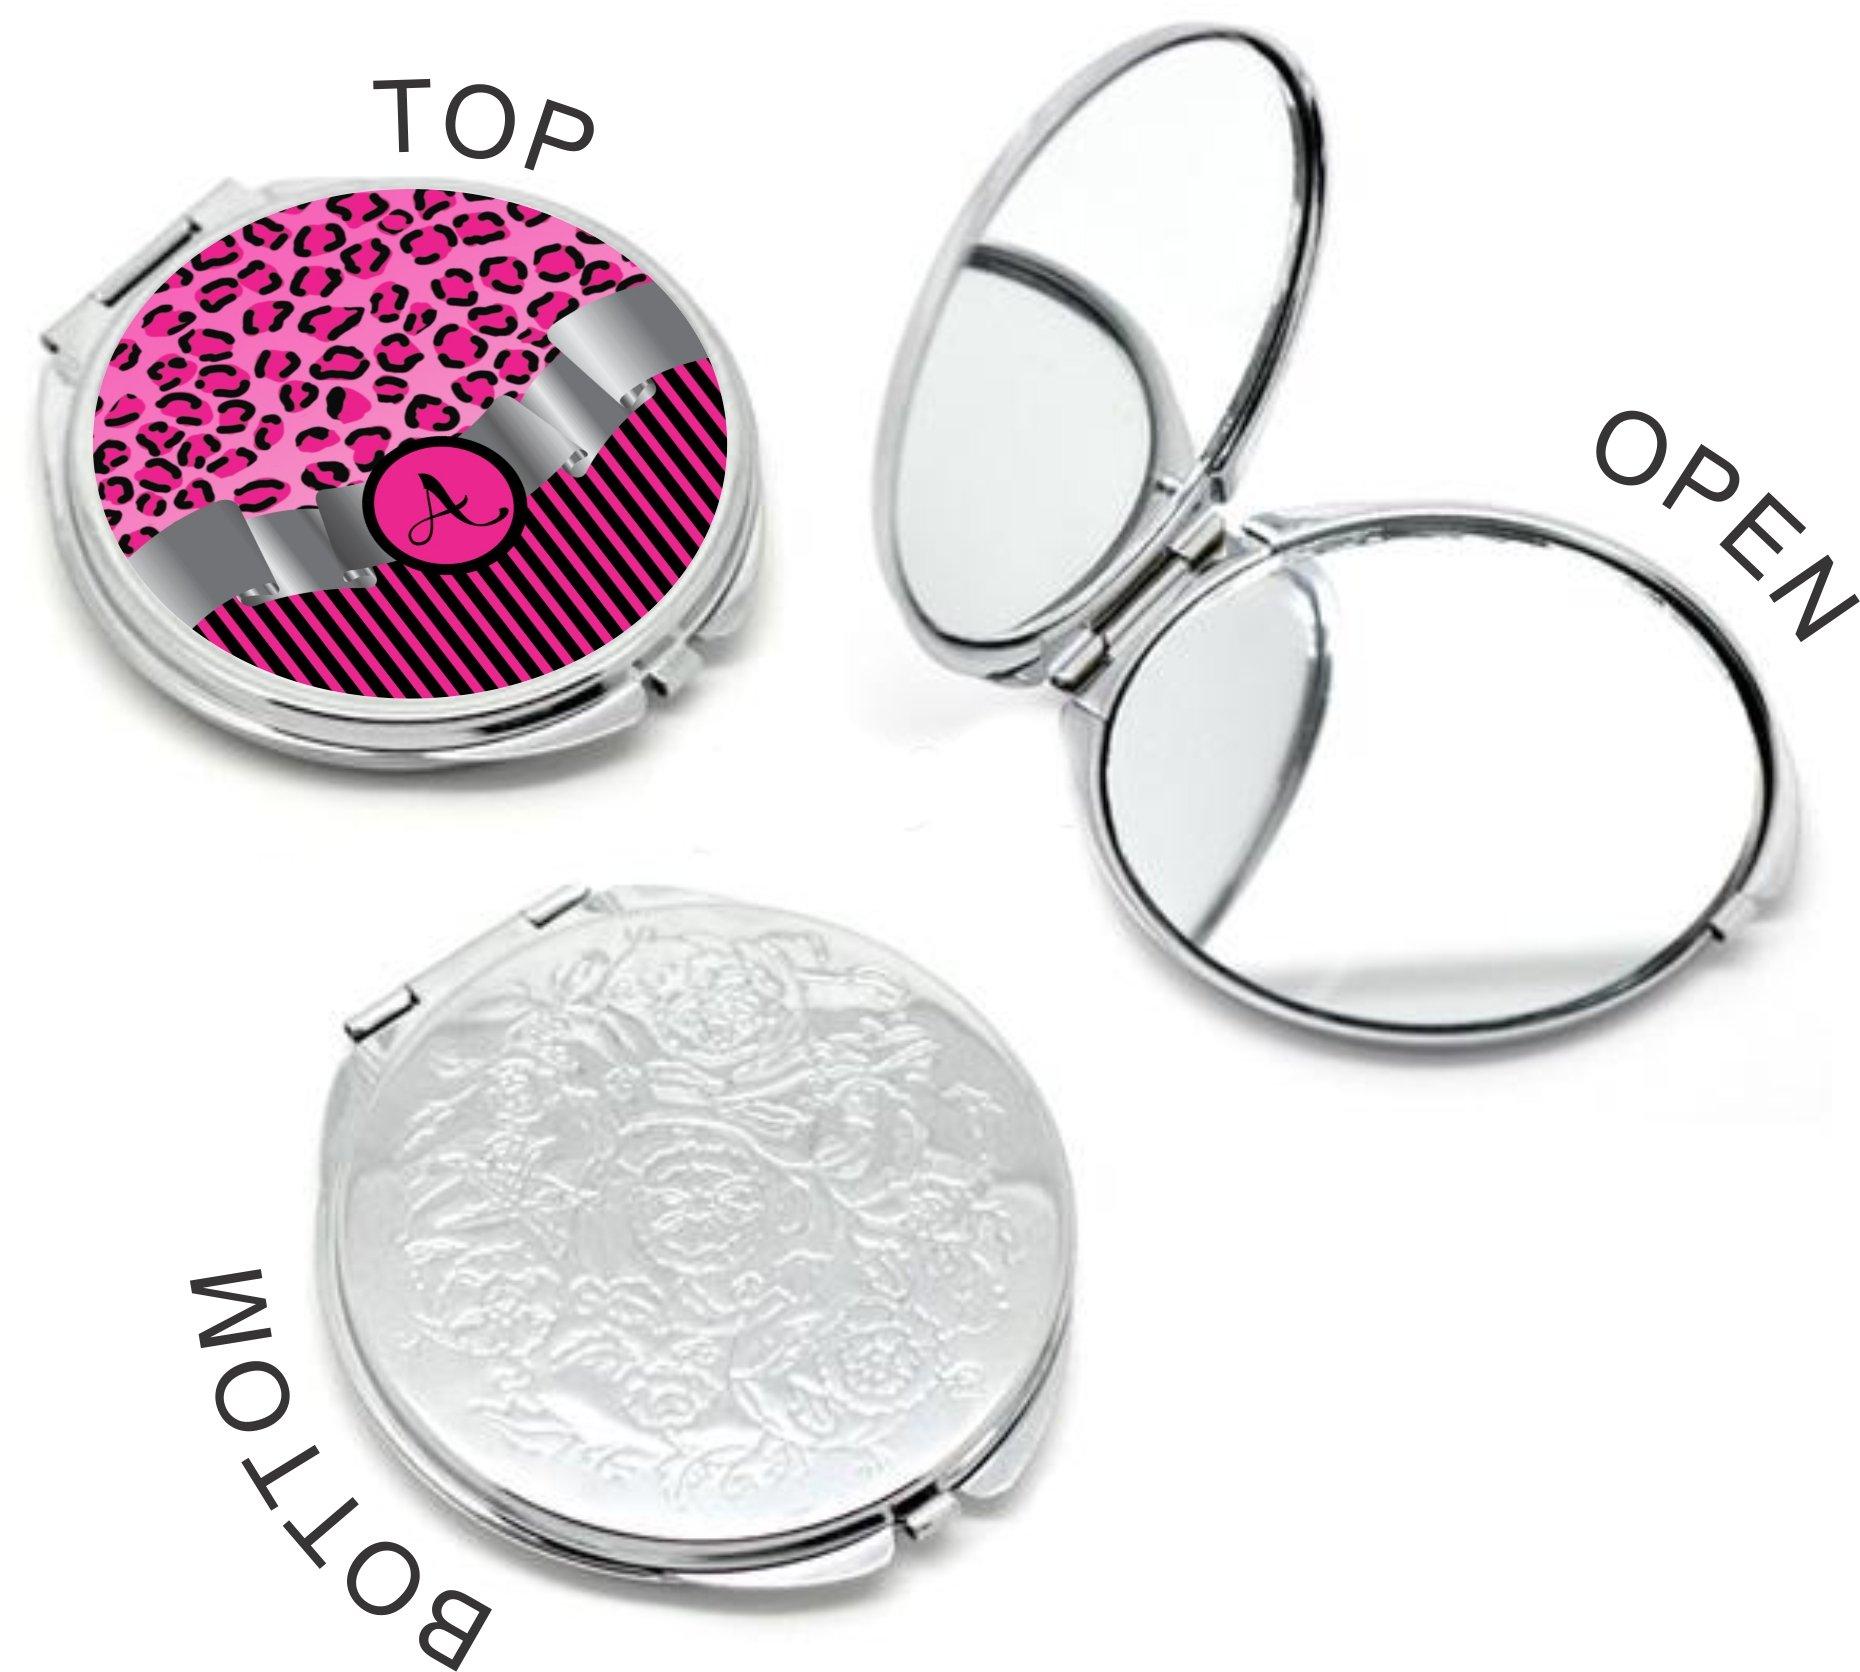 Rikki Knight Letter''A'' Hot Pink Leopard Print Stripes Monogram Design Round Compact Mirror